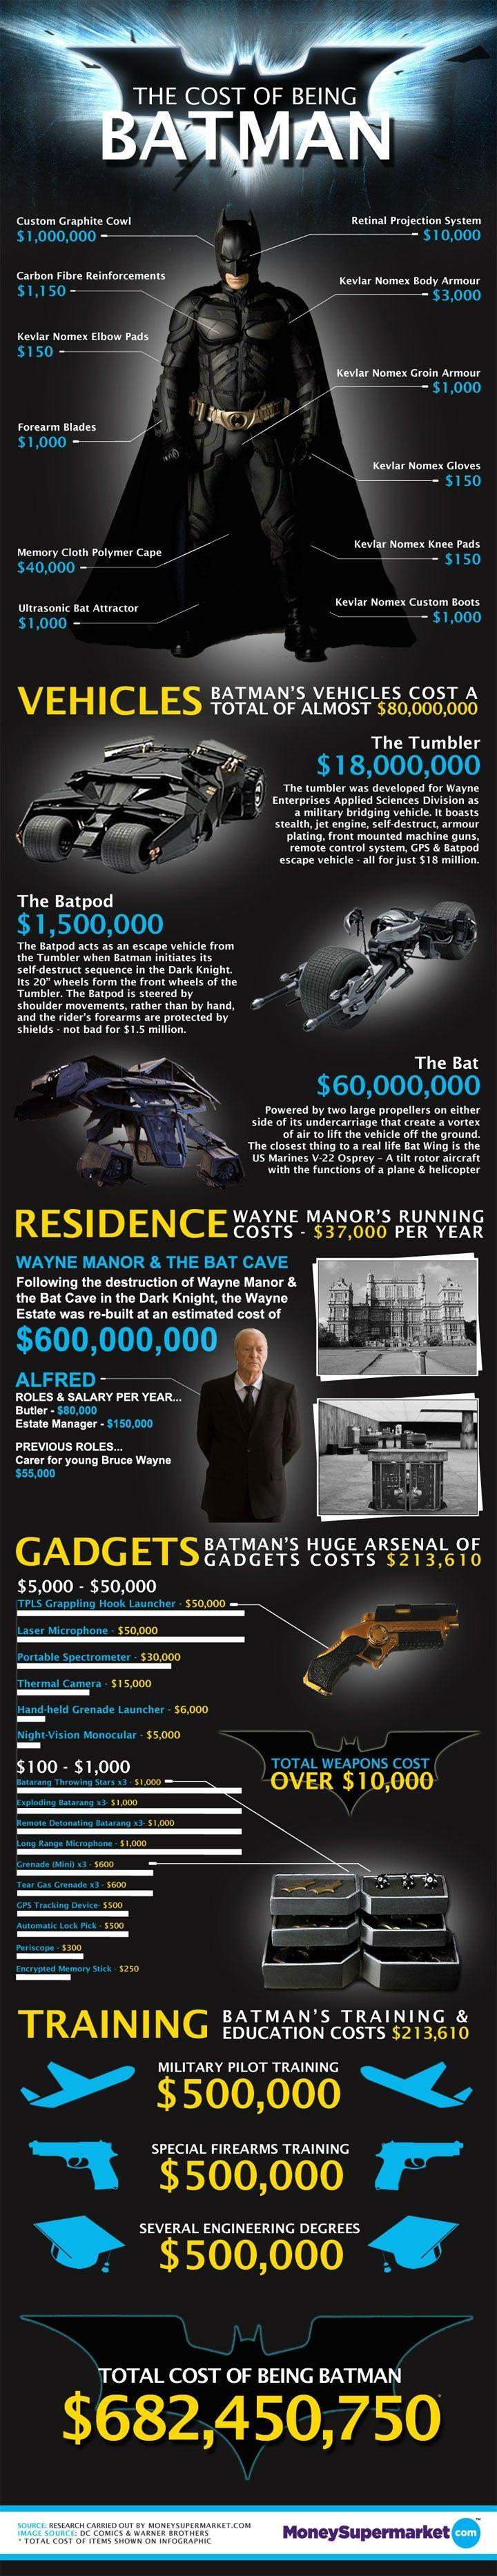 Interessante Infografik zeigt, was das Batman Outfit und seine Gadgets im echten Leben kosten würde ;-) #batman #kindheitstraum